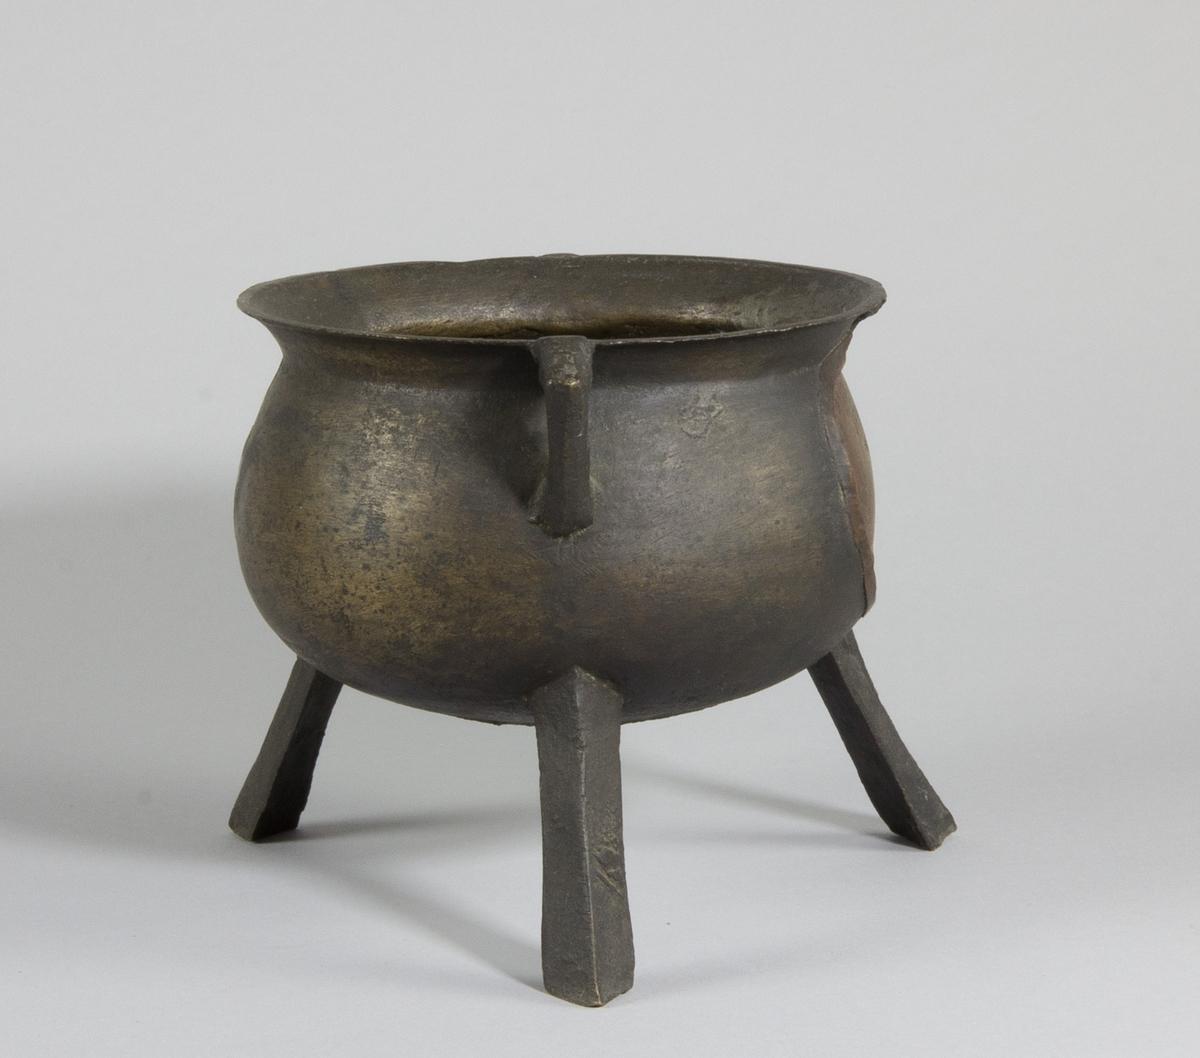 """Gryta av järn. Rund form med utåtstående kant och  flat botten, med två öron och tre fötter. På sidan kartusch av koppar med stämpel: """"1866 S T""""."""